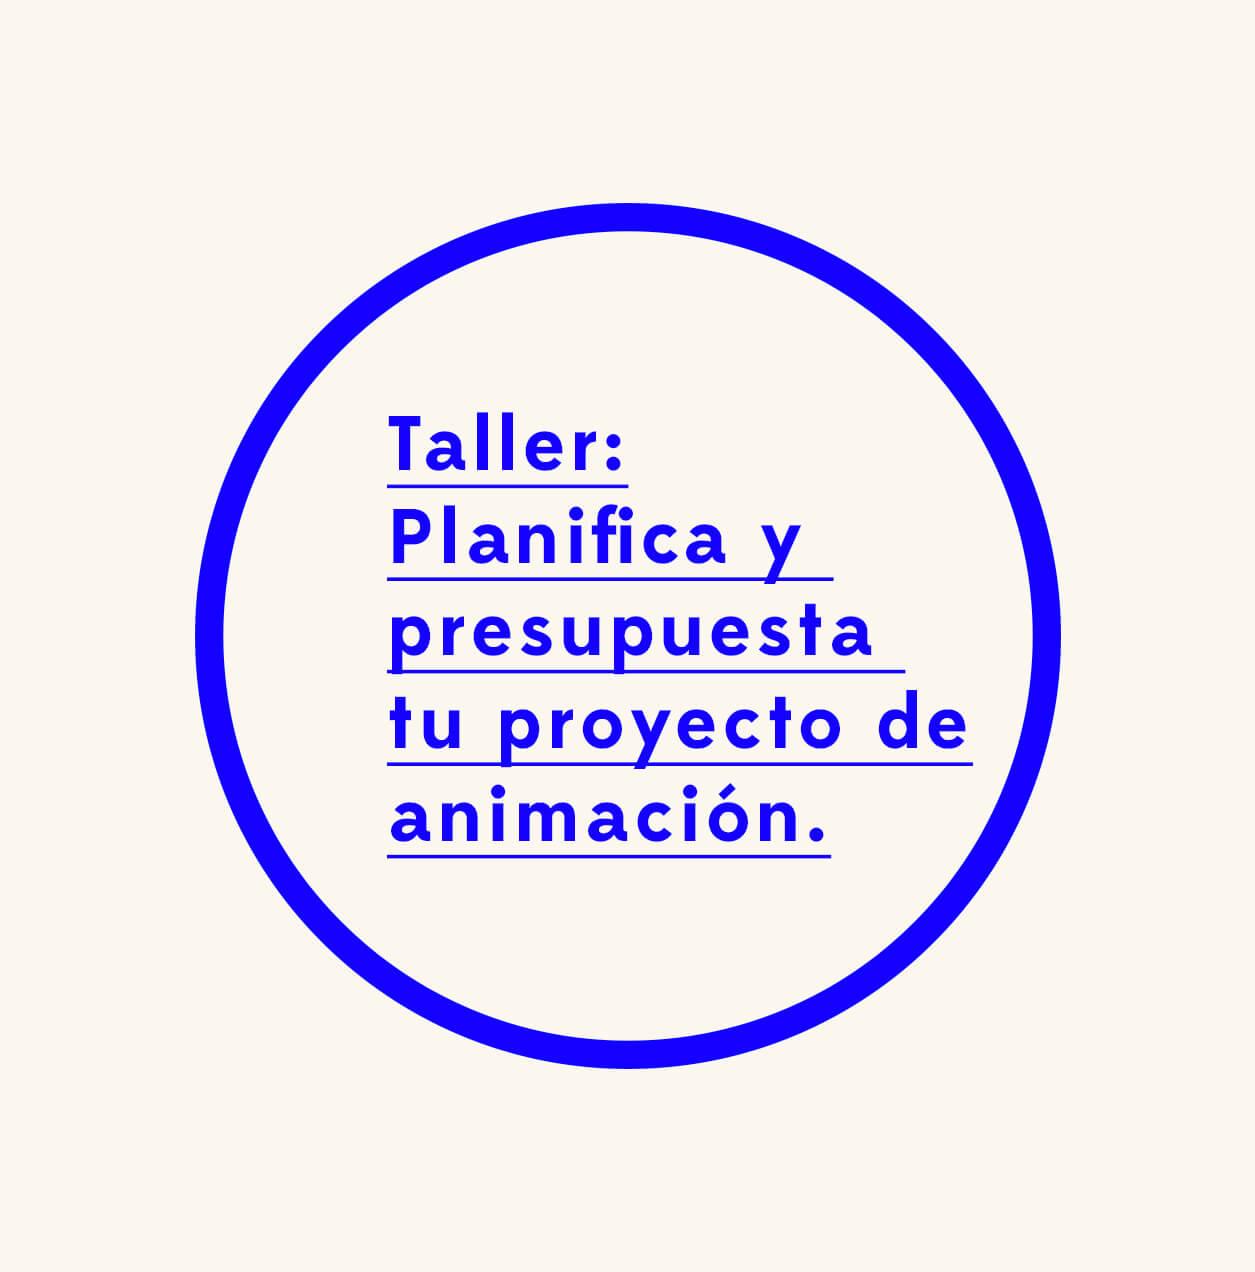 Taller iniciación online y presencial: Planifica y presupuesta tu proyecto de animación